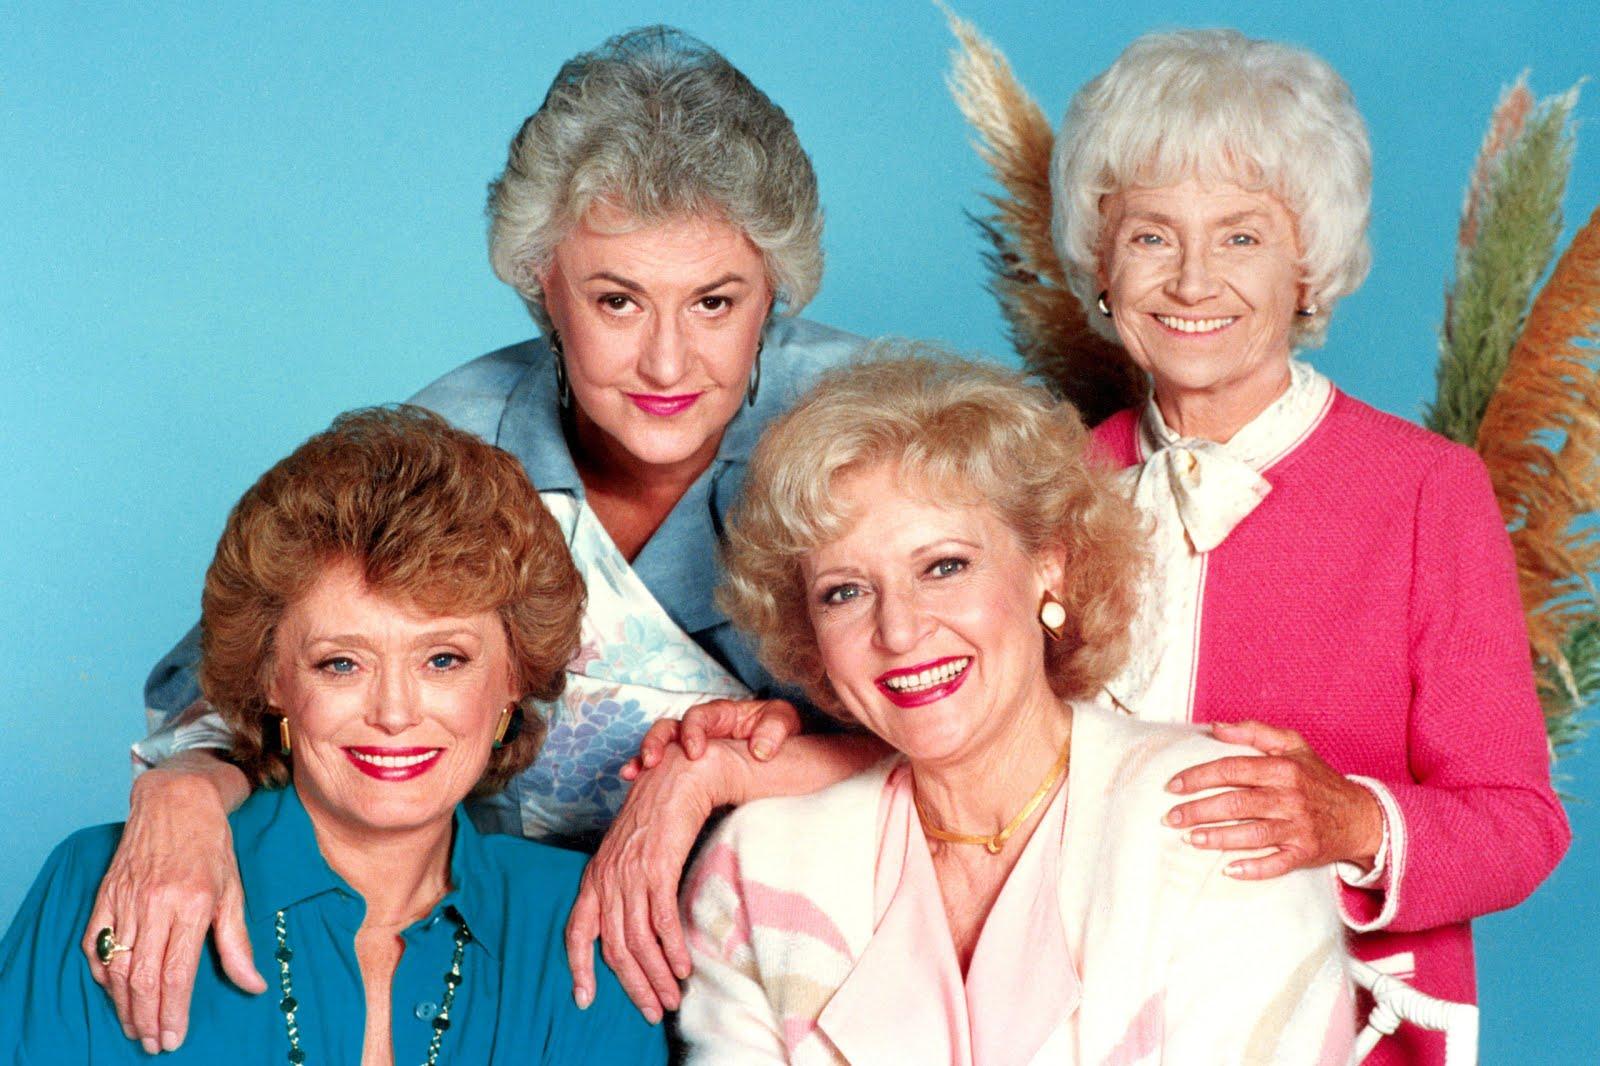 http://2.bp.blogspot.com/-e4JLMYS6BIQ/ULL0mIjBwbI/AAAAAAAAT5c/3TEly7fBCbw/s1600/The-Golden-Girls-the-golden-girls-19704656-2560-1705.jpg